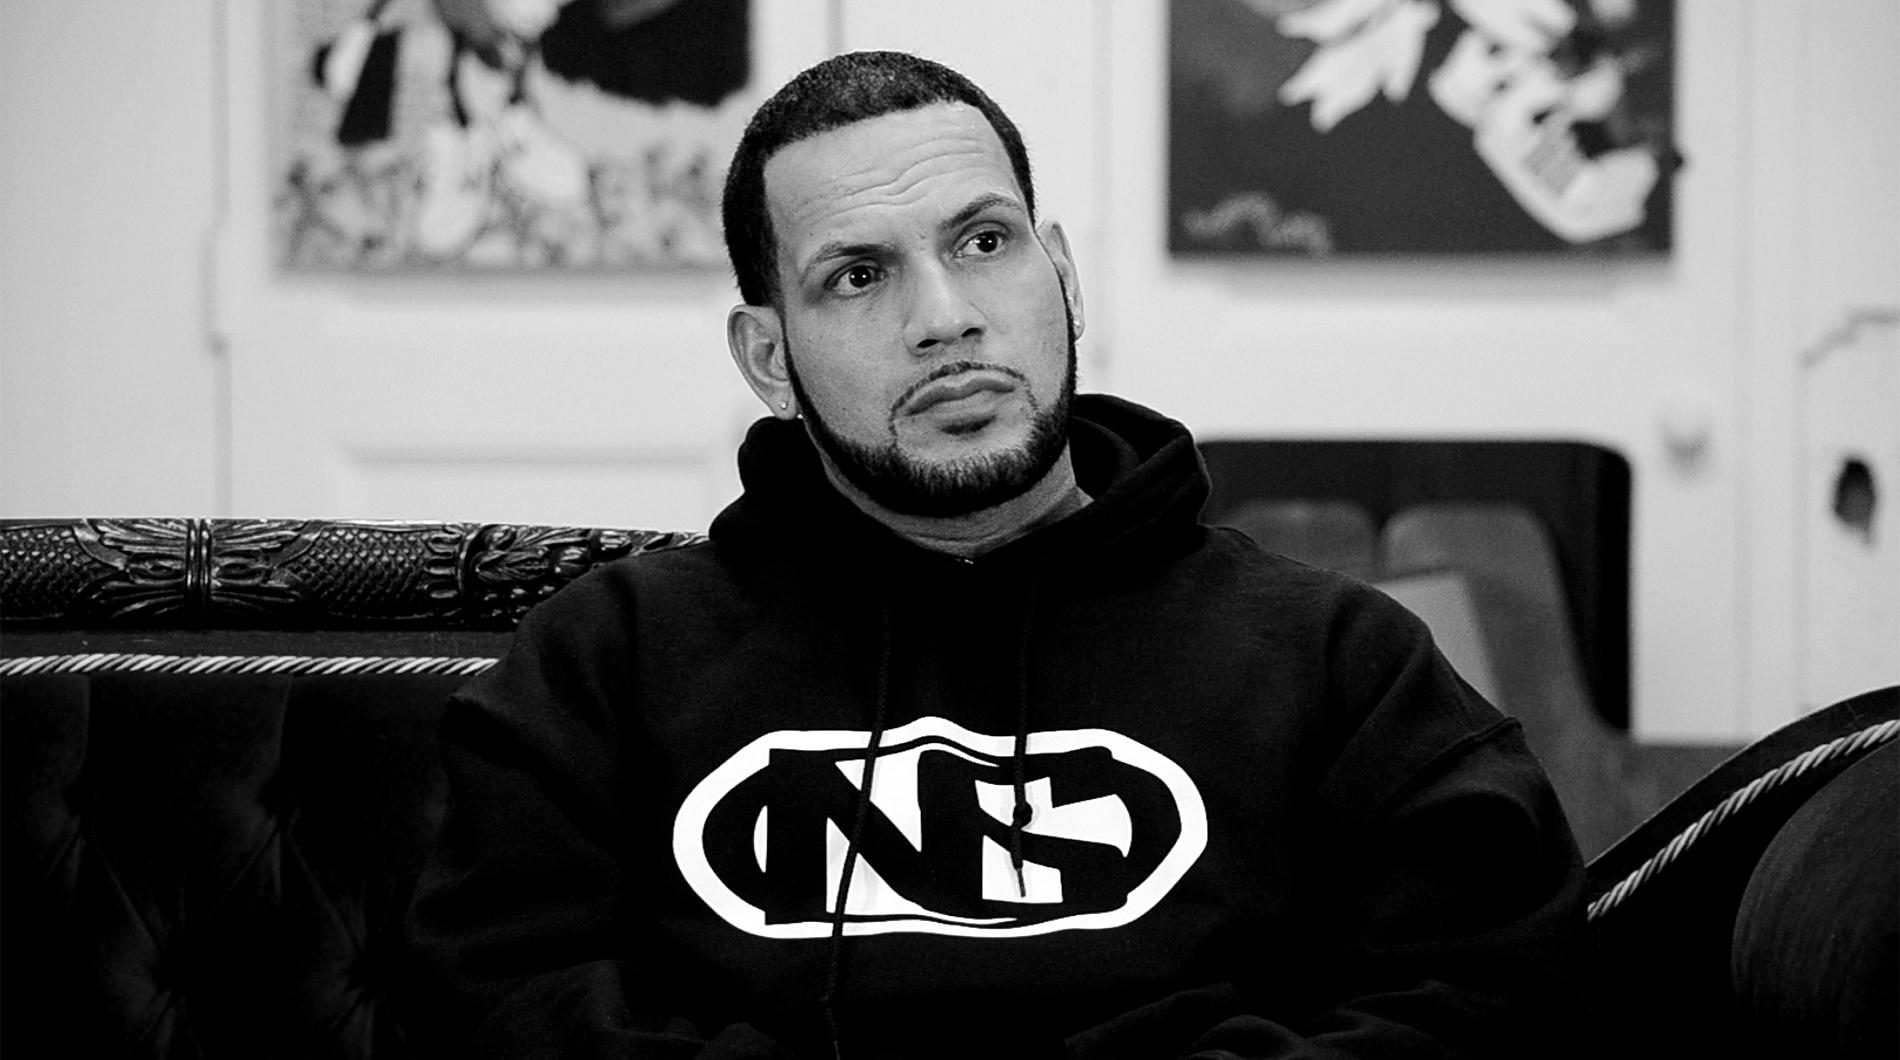 DJ NonStop